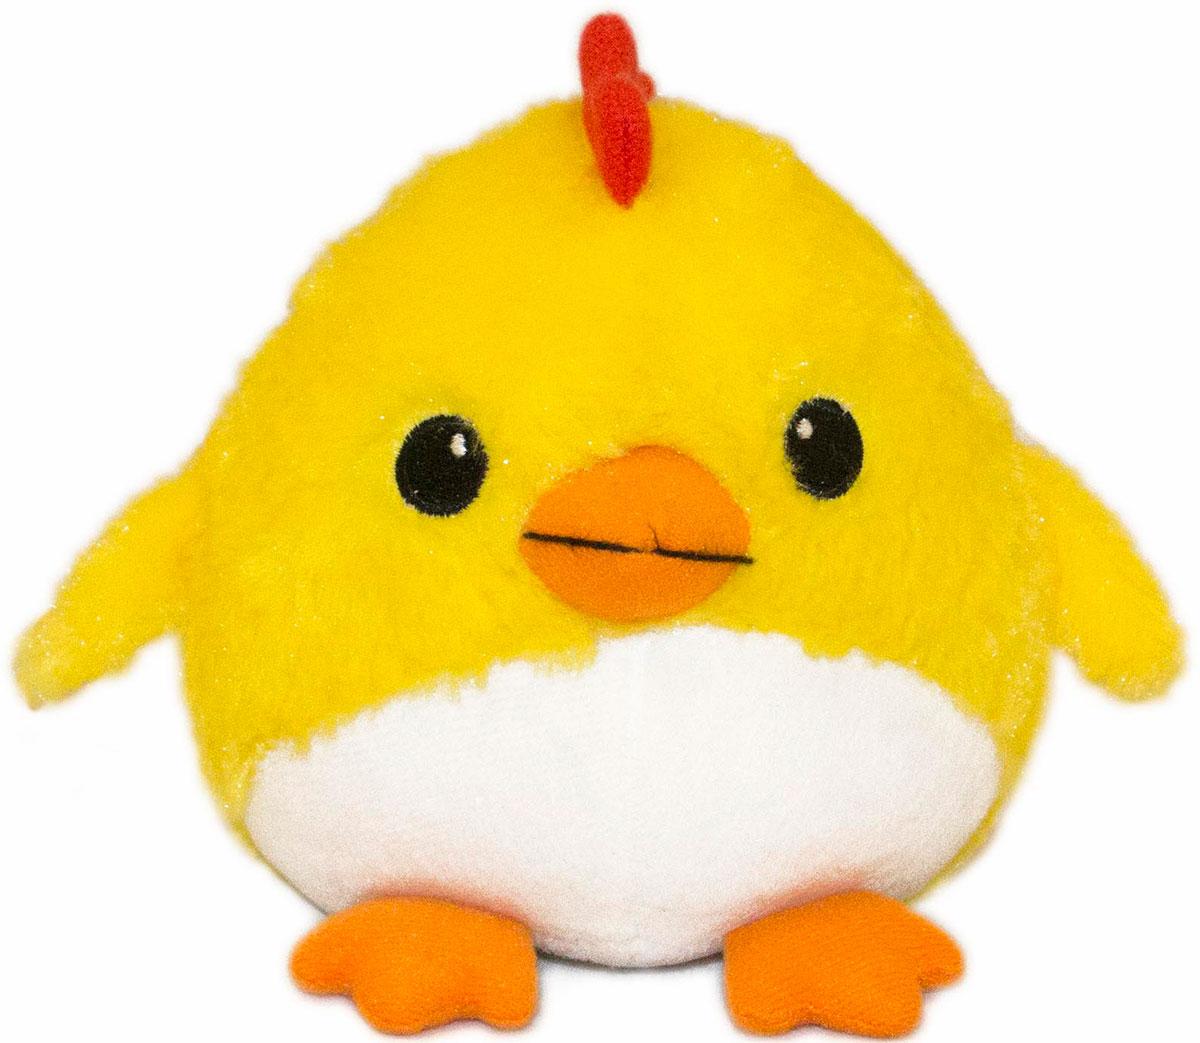 Gulliver Мягкая игрушка Цыпленок Солнышко 12 см 66-OT159347-166-OT159347-1Очаровательная мягкая игрушка Gulliver Цыпленок Солнышко выполнена в виде желтого цыпленка небольшого размера. Игрушка изготовлена из высококачественного материала и полностью безопасна для ребенка. Удивительно мягкая игрушка принесет радость и подарит своему обладателю мгновения нежных объятий и приятных воспоминаний. В процессе игры у крохи будет развиваться зрительная память, фантазия, логическое и образное мышление, ребенок научится сосредотачиваться на одном предмете, быть усидчивым и внимательным. Цыпленок (петух, курица) является символом 2017 года! Порадуйте себя и своих близких таким прекрасным символом, приносящим радость и счастье в каждый дом!